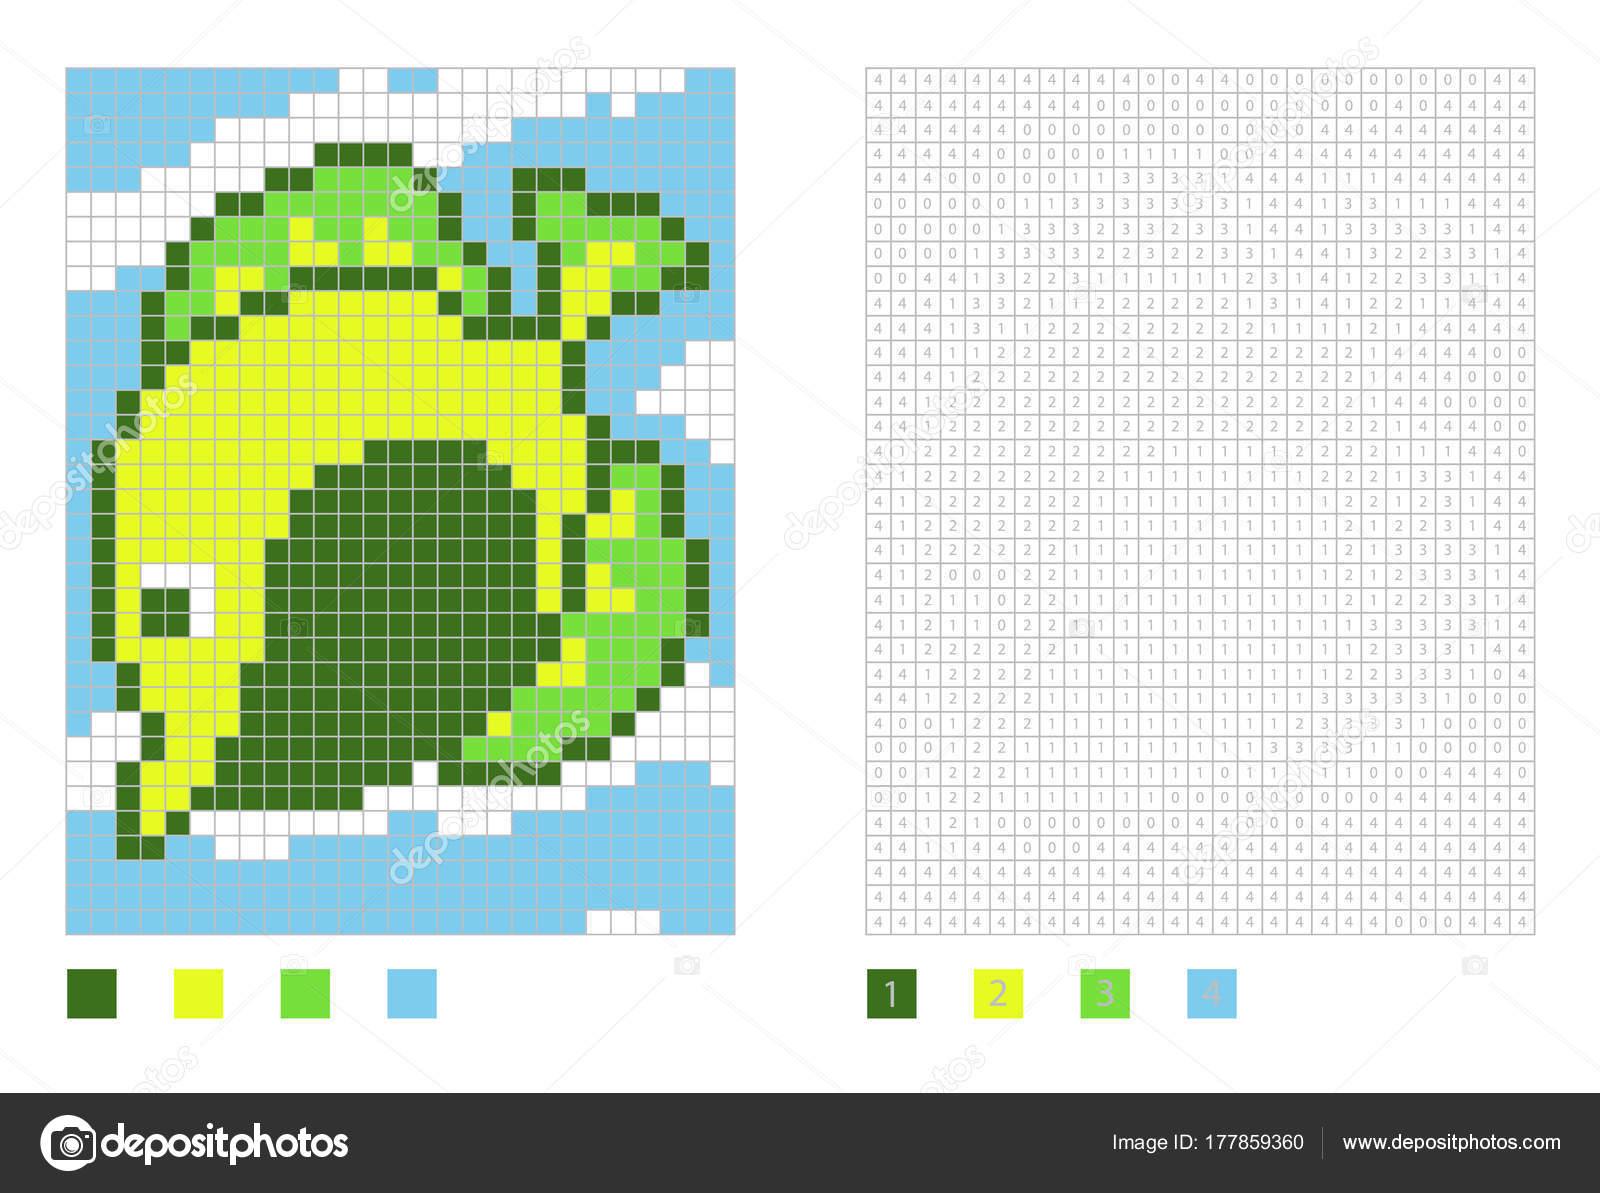 Pixel Zebrasoma Fisch Cartoon in die Malseite mit nummerierten ...